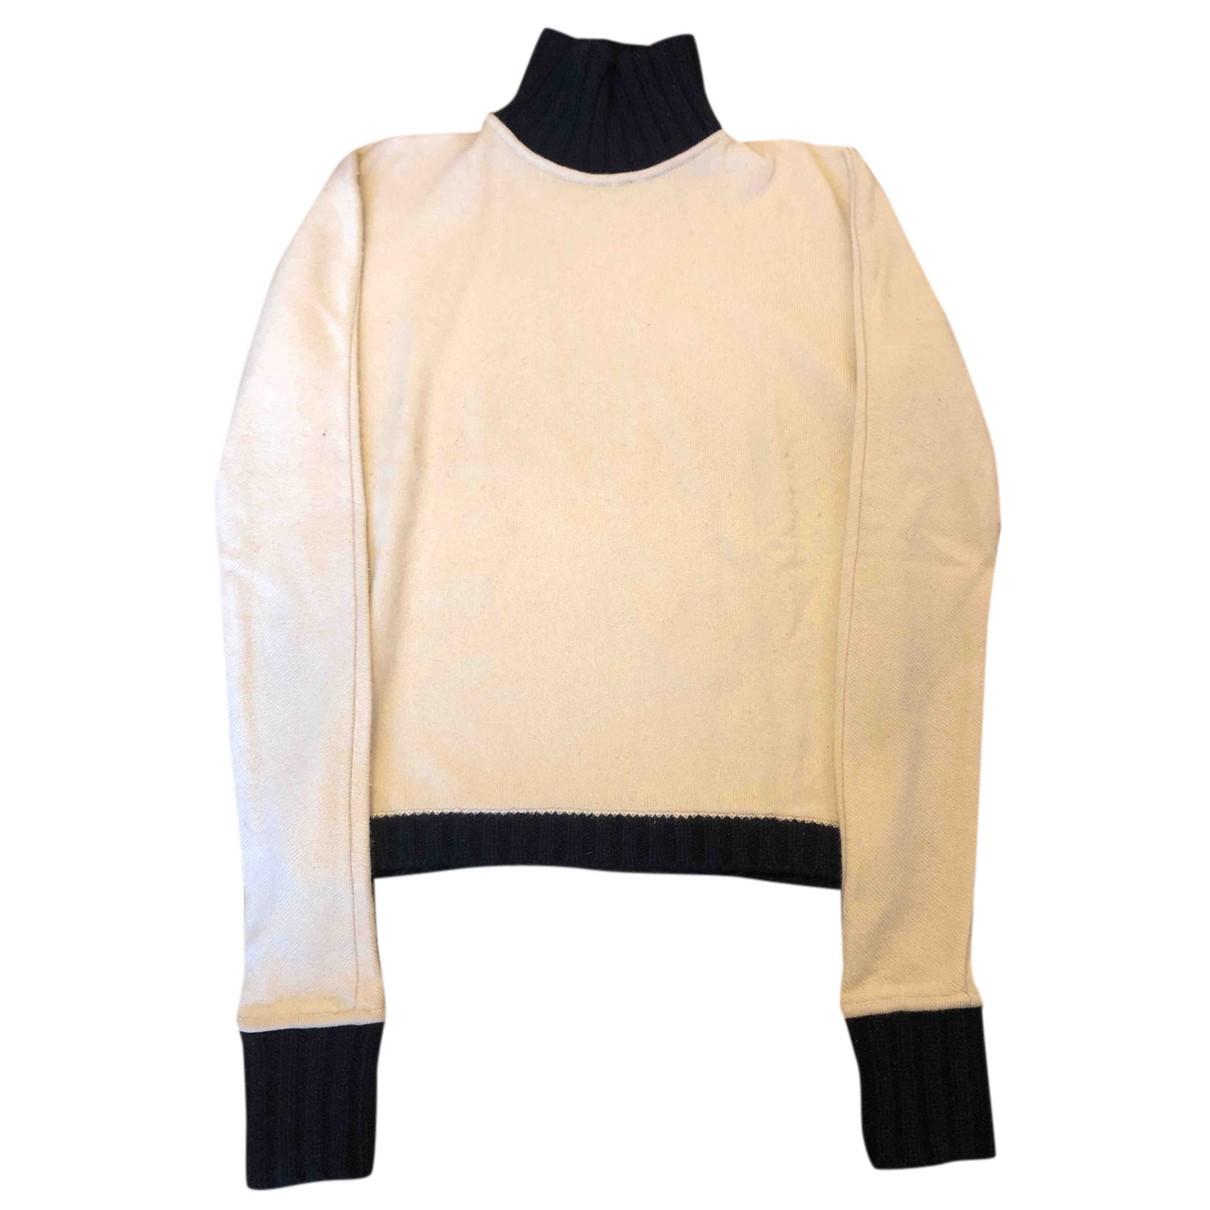 Luciano Barbera N Beige Cashmere Knitwear for Women 40 IT